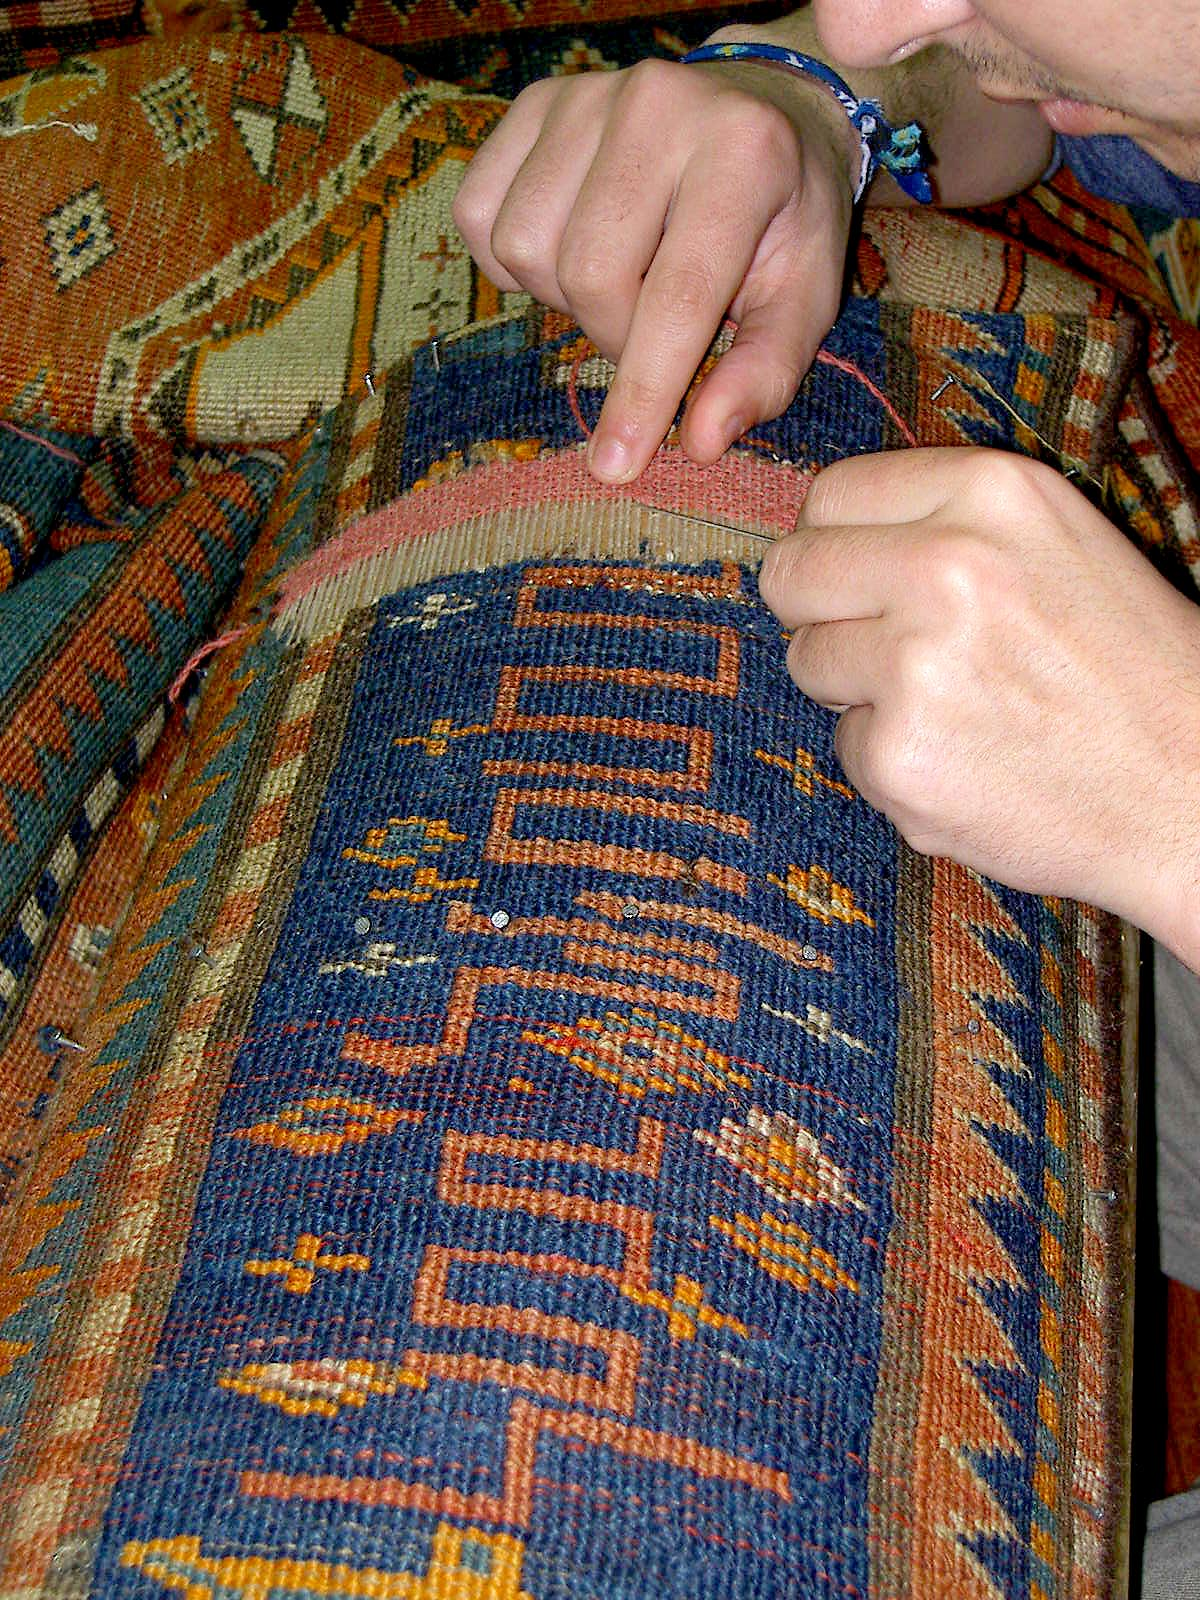 Aubusson alfombras y tapices trabajo de restauraci n y puesta en valor de alfombra antigua - Restauracion de alfombras ...